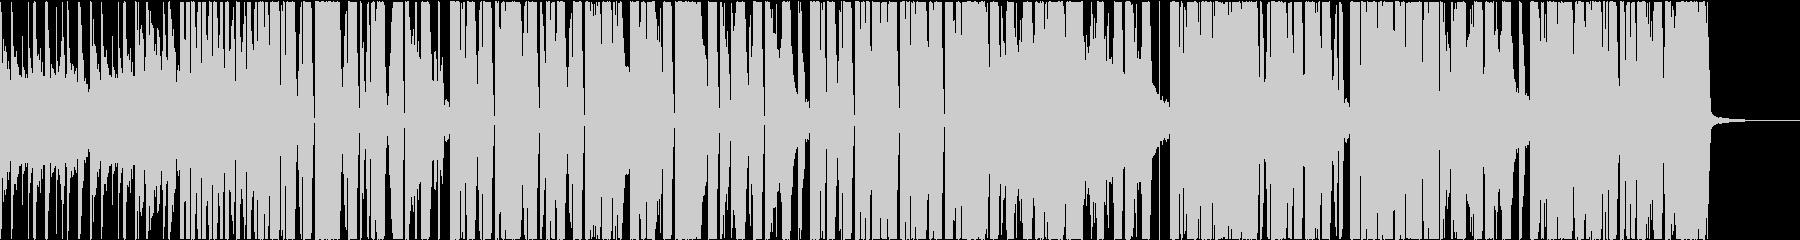 ダブステップ 積極的 焦り シンセ...の未再生の波形